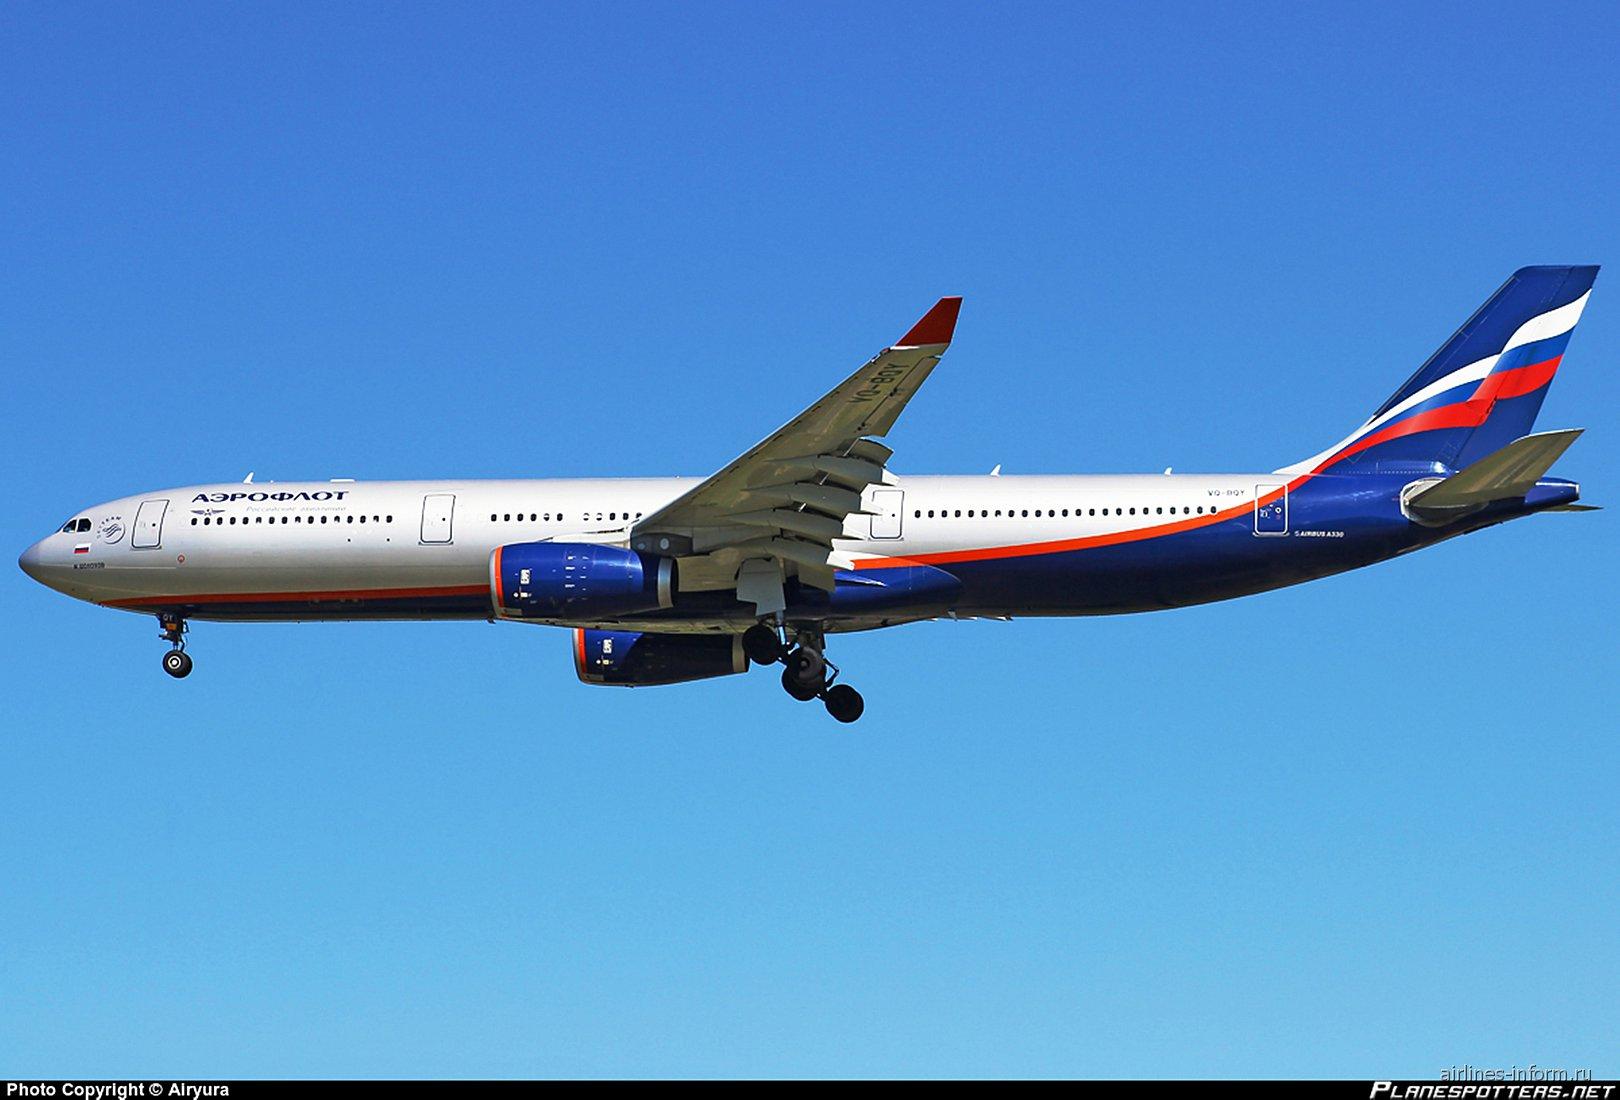 Тель-Авив - Москва на А330-300 Аэрофлота: не всё так идеально